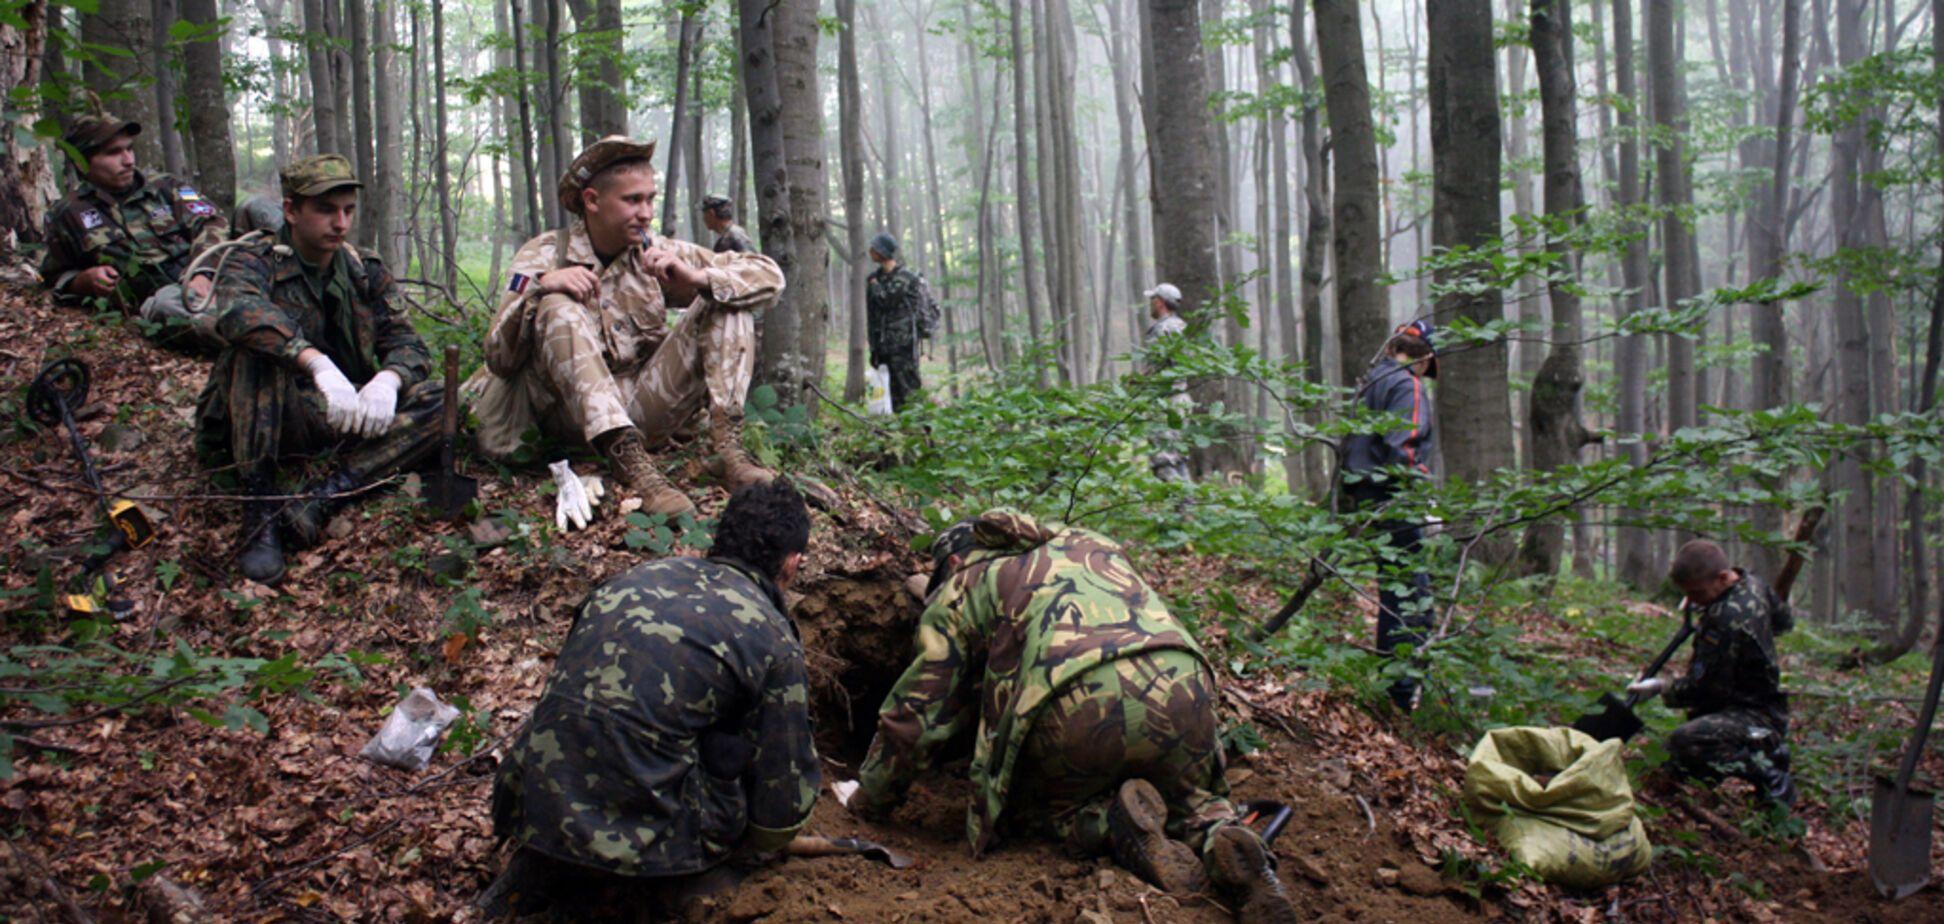 Польша призвала к эксгумации тел на границе с Украиной: историк пояснил цель